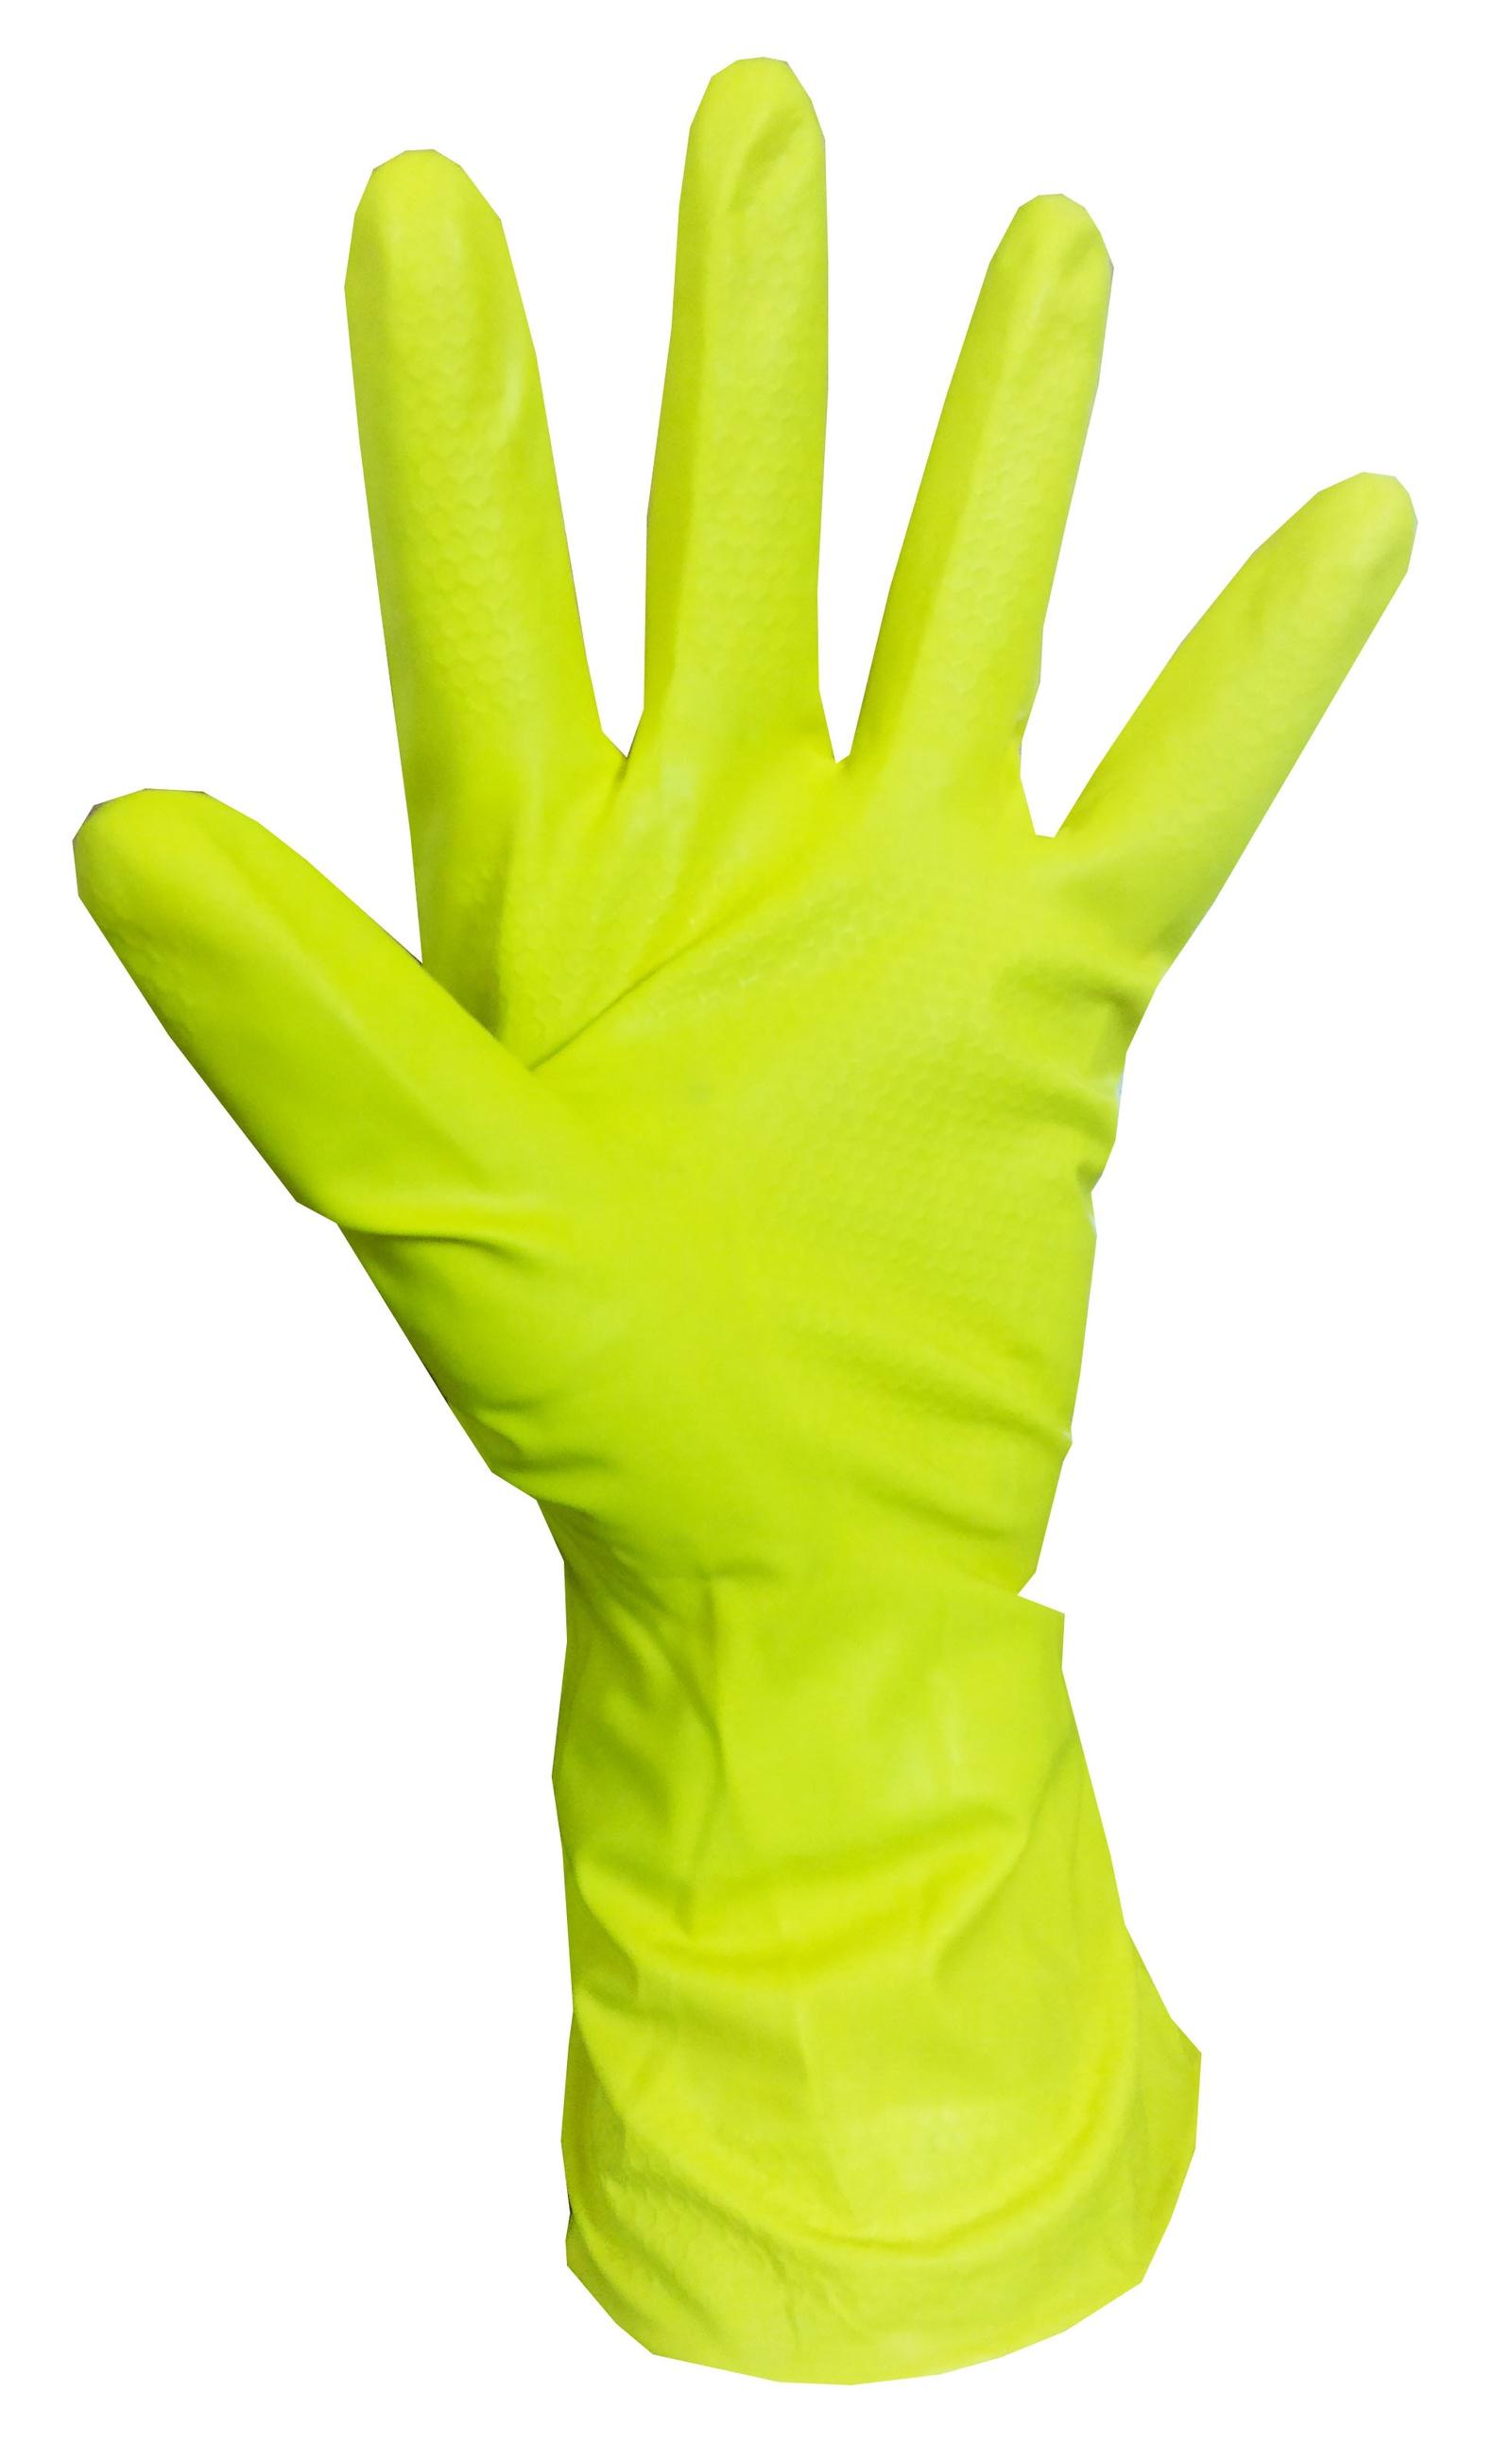 Хозяйственные латексные перчатки, желтые, размер M, 1 пара.